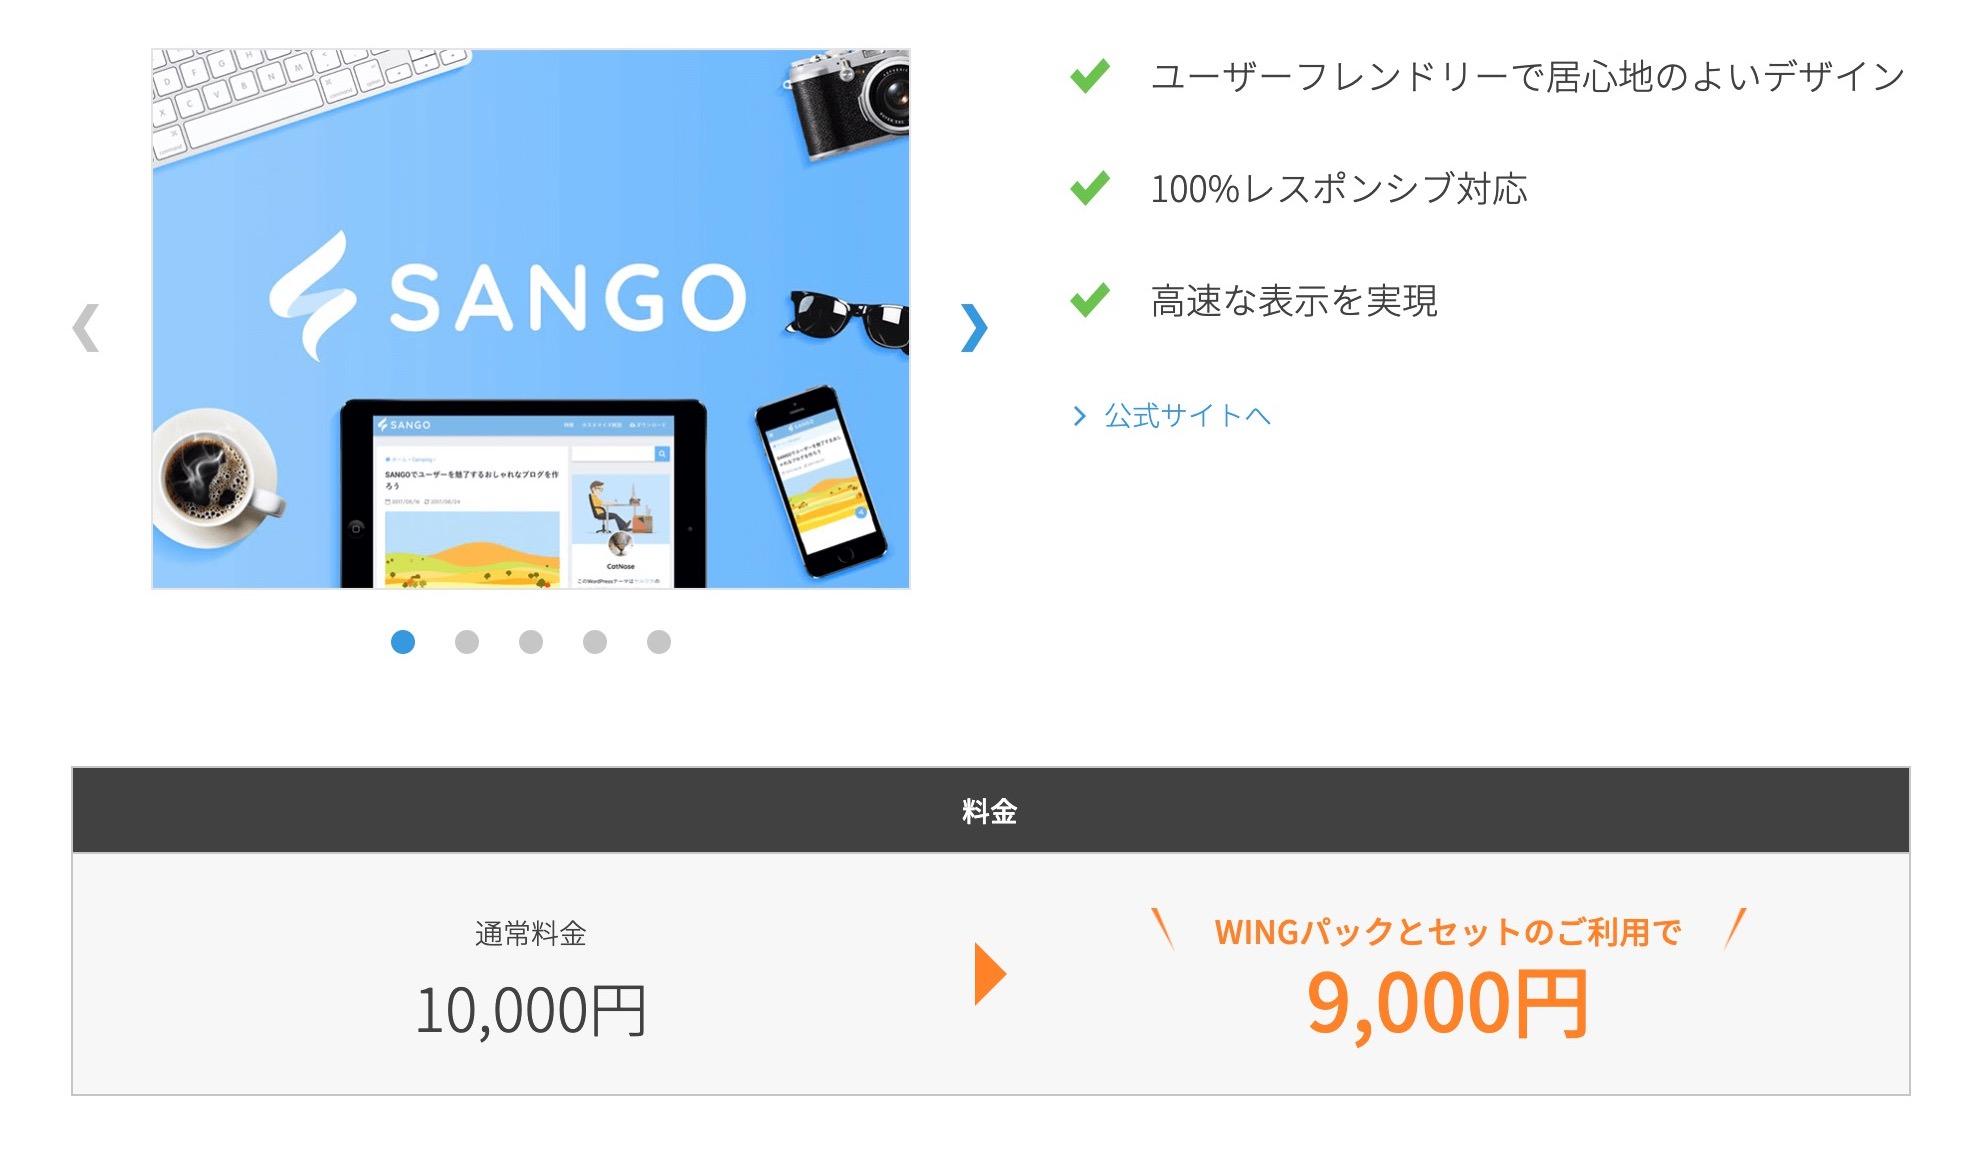 ConoHa記載のSANGO価格